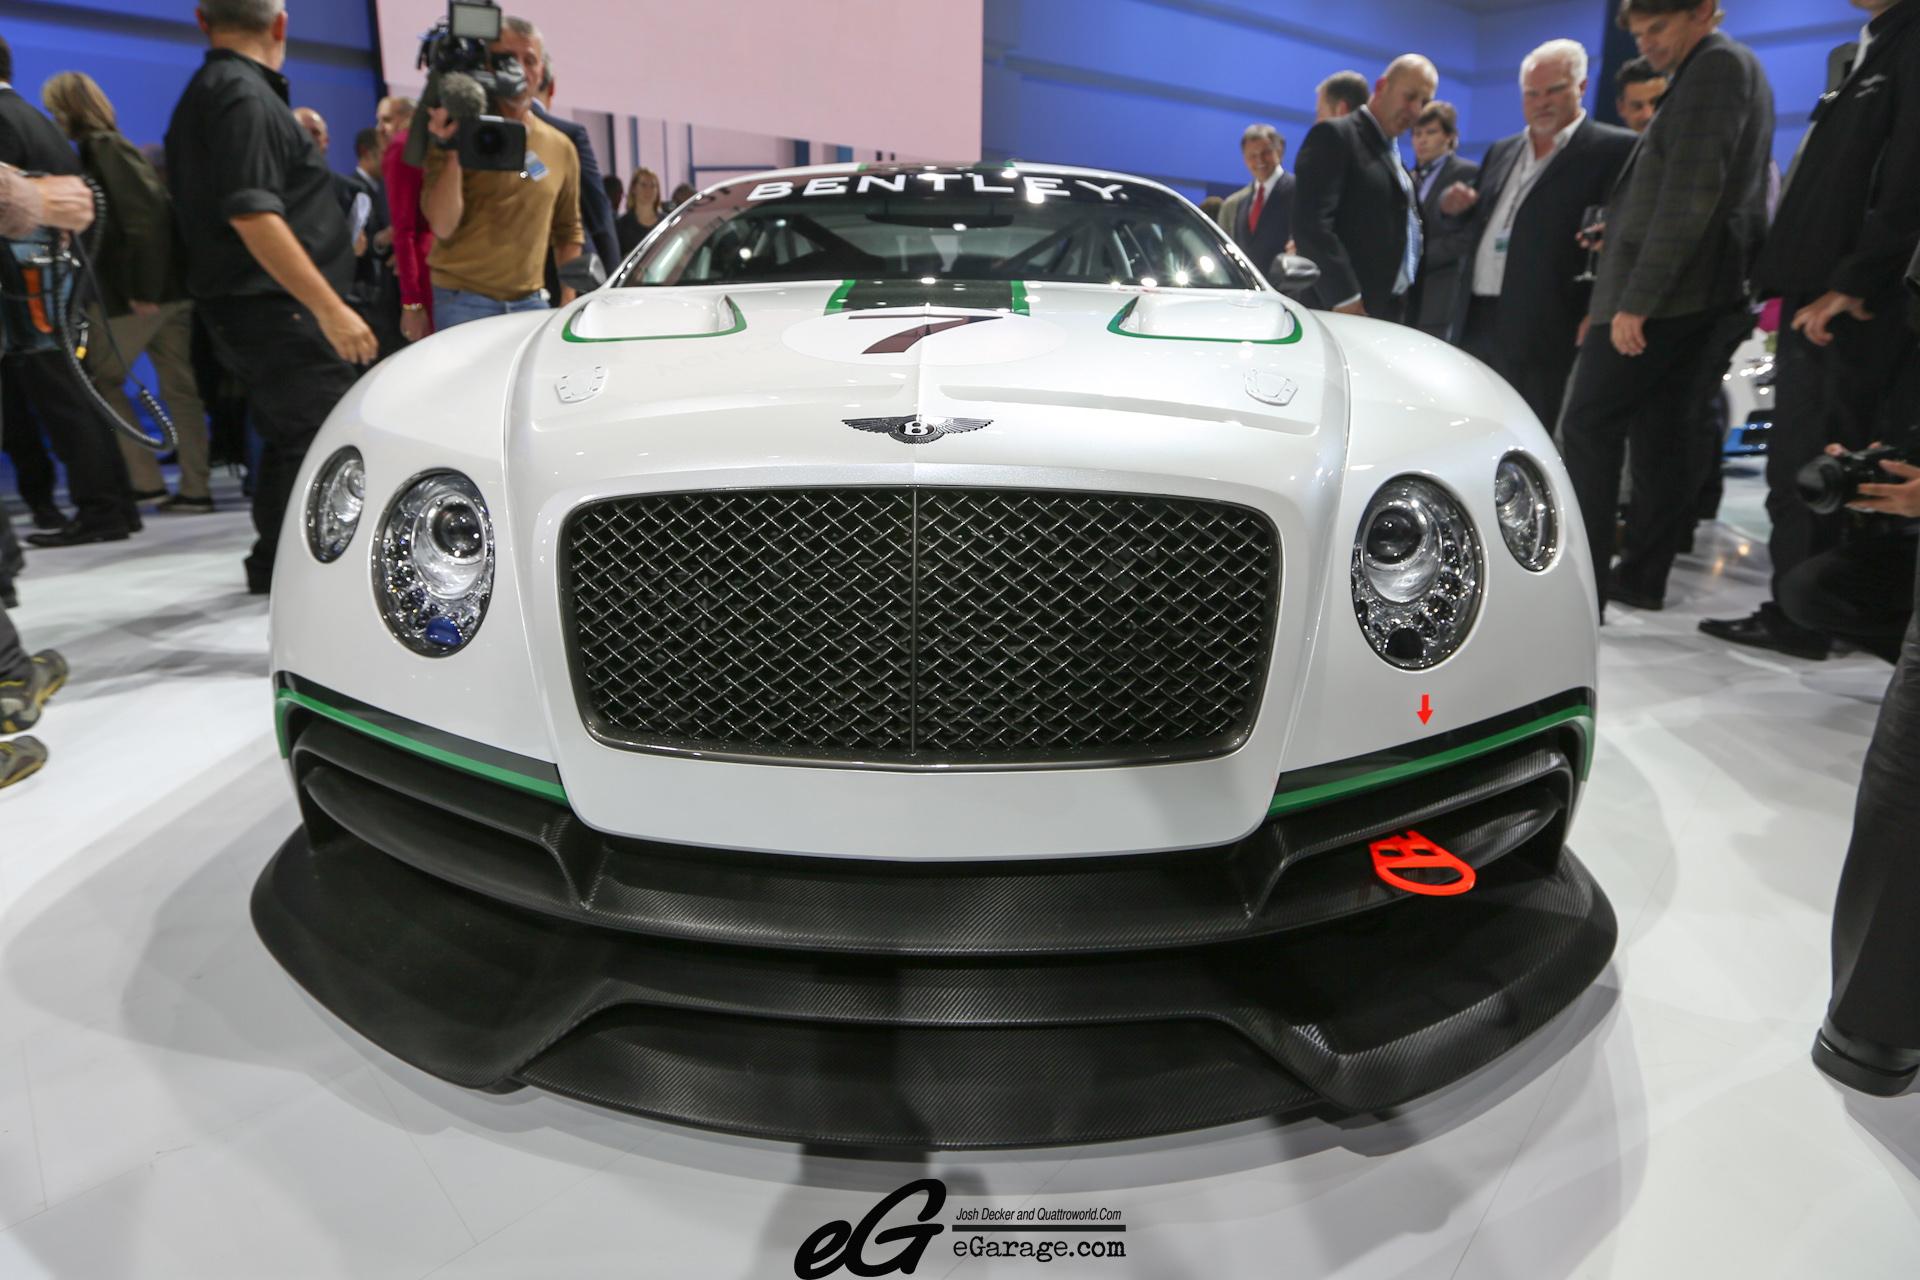 8030395207 2f7d138aab o 2012 Paris Motor Show